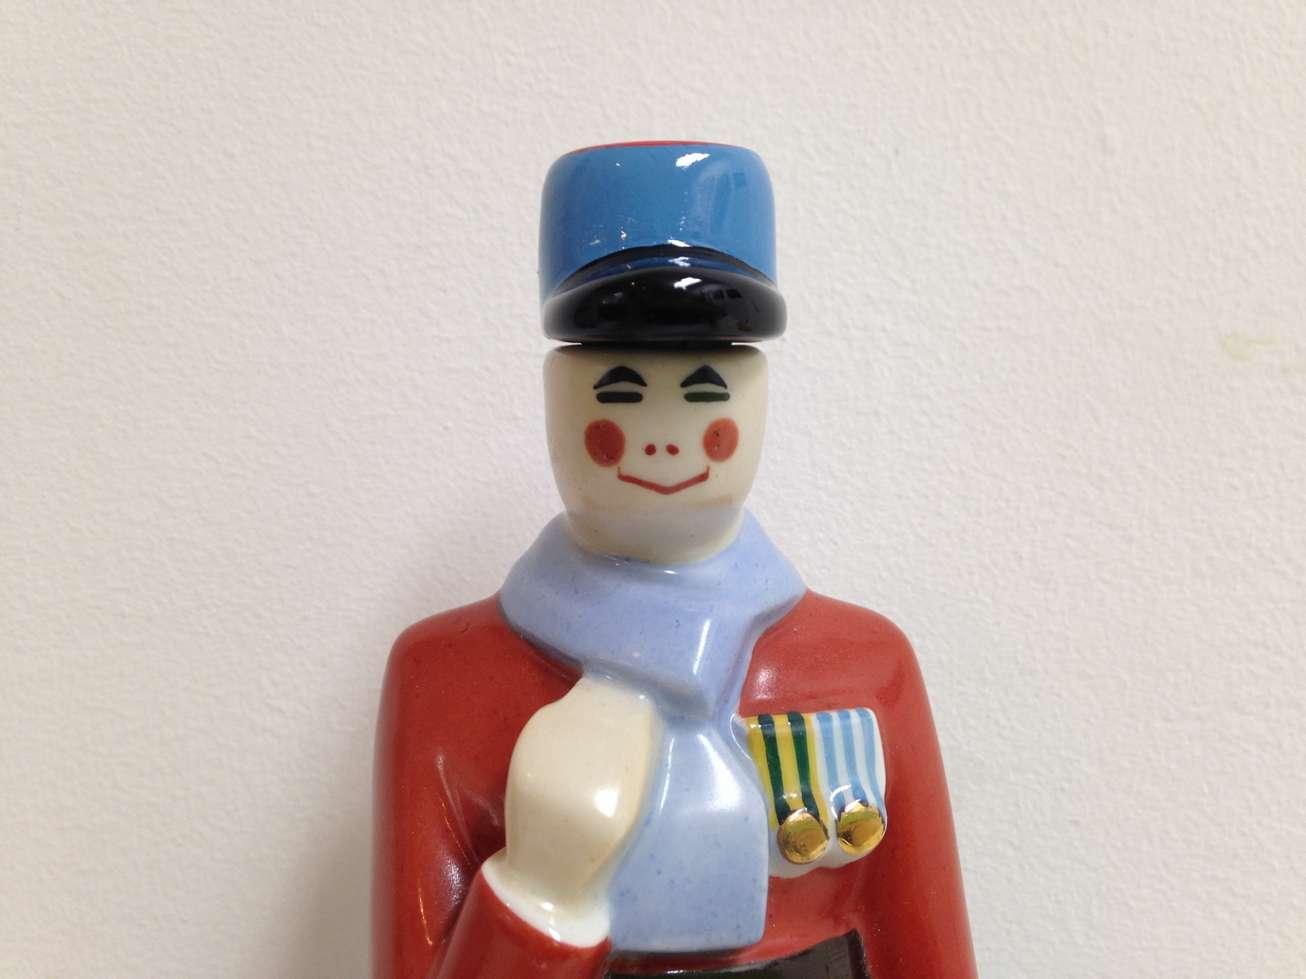 robj-bouteile-liqueur-bouchon-art-restauarte-gendarme.jpg